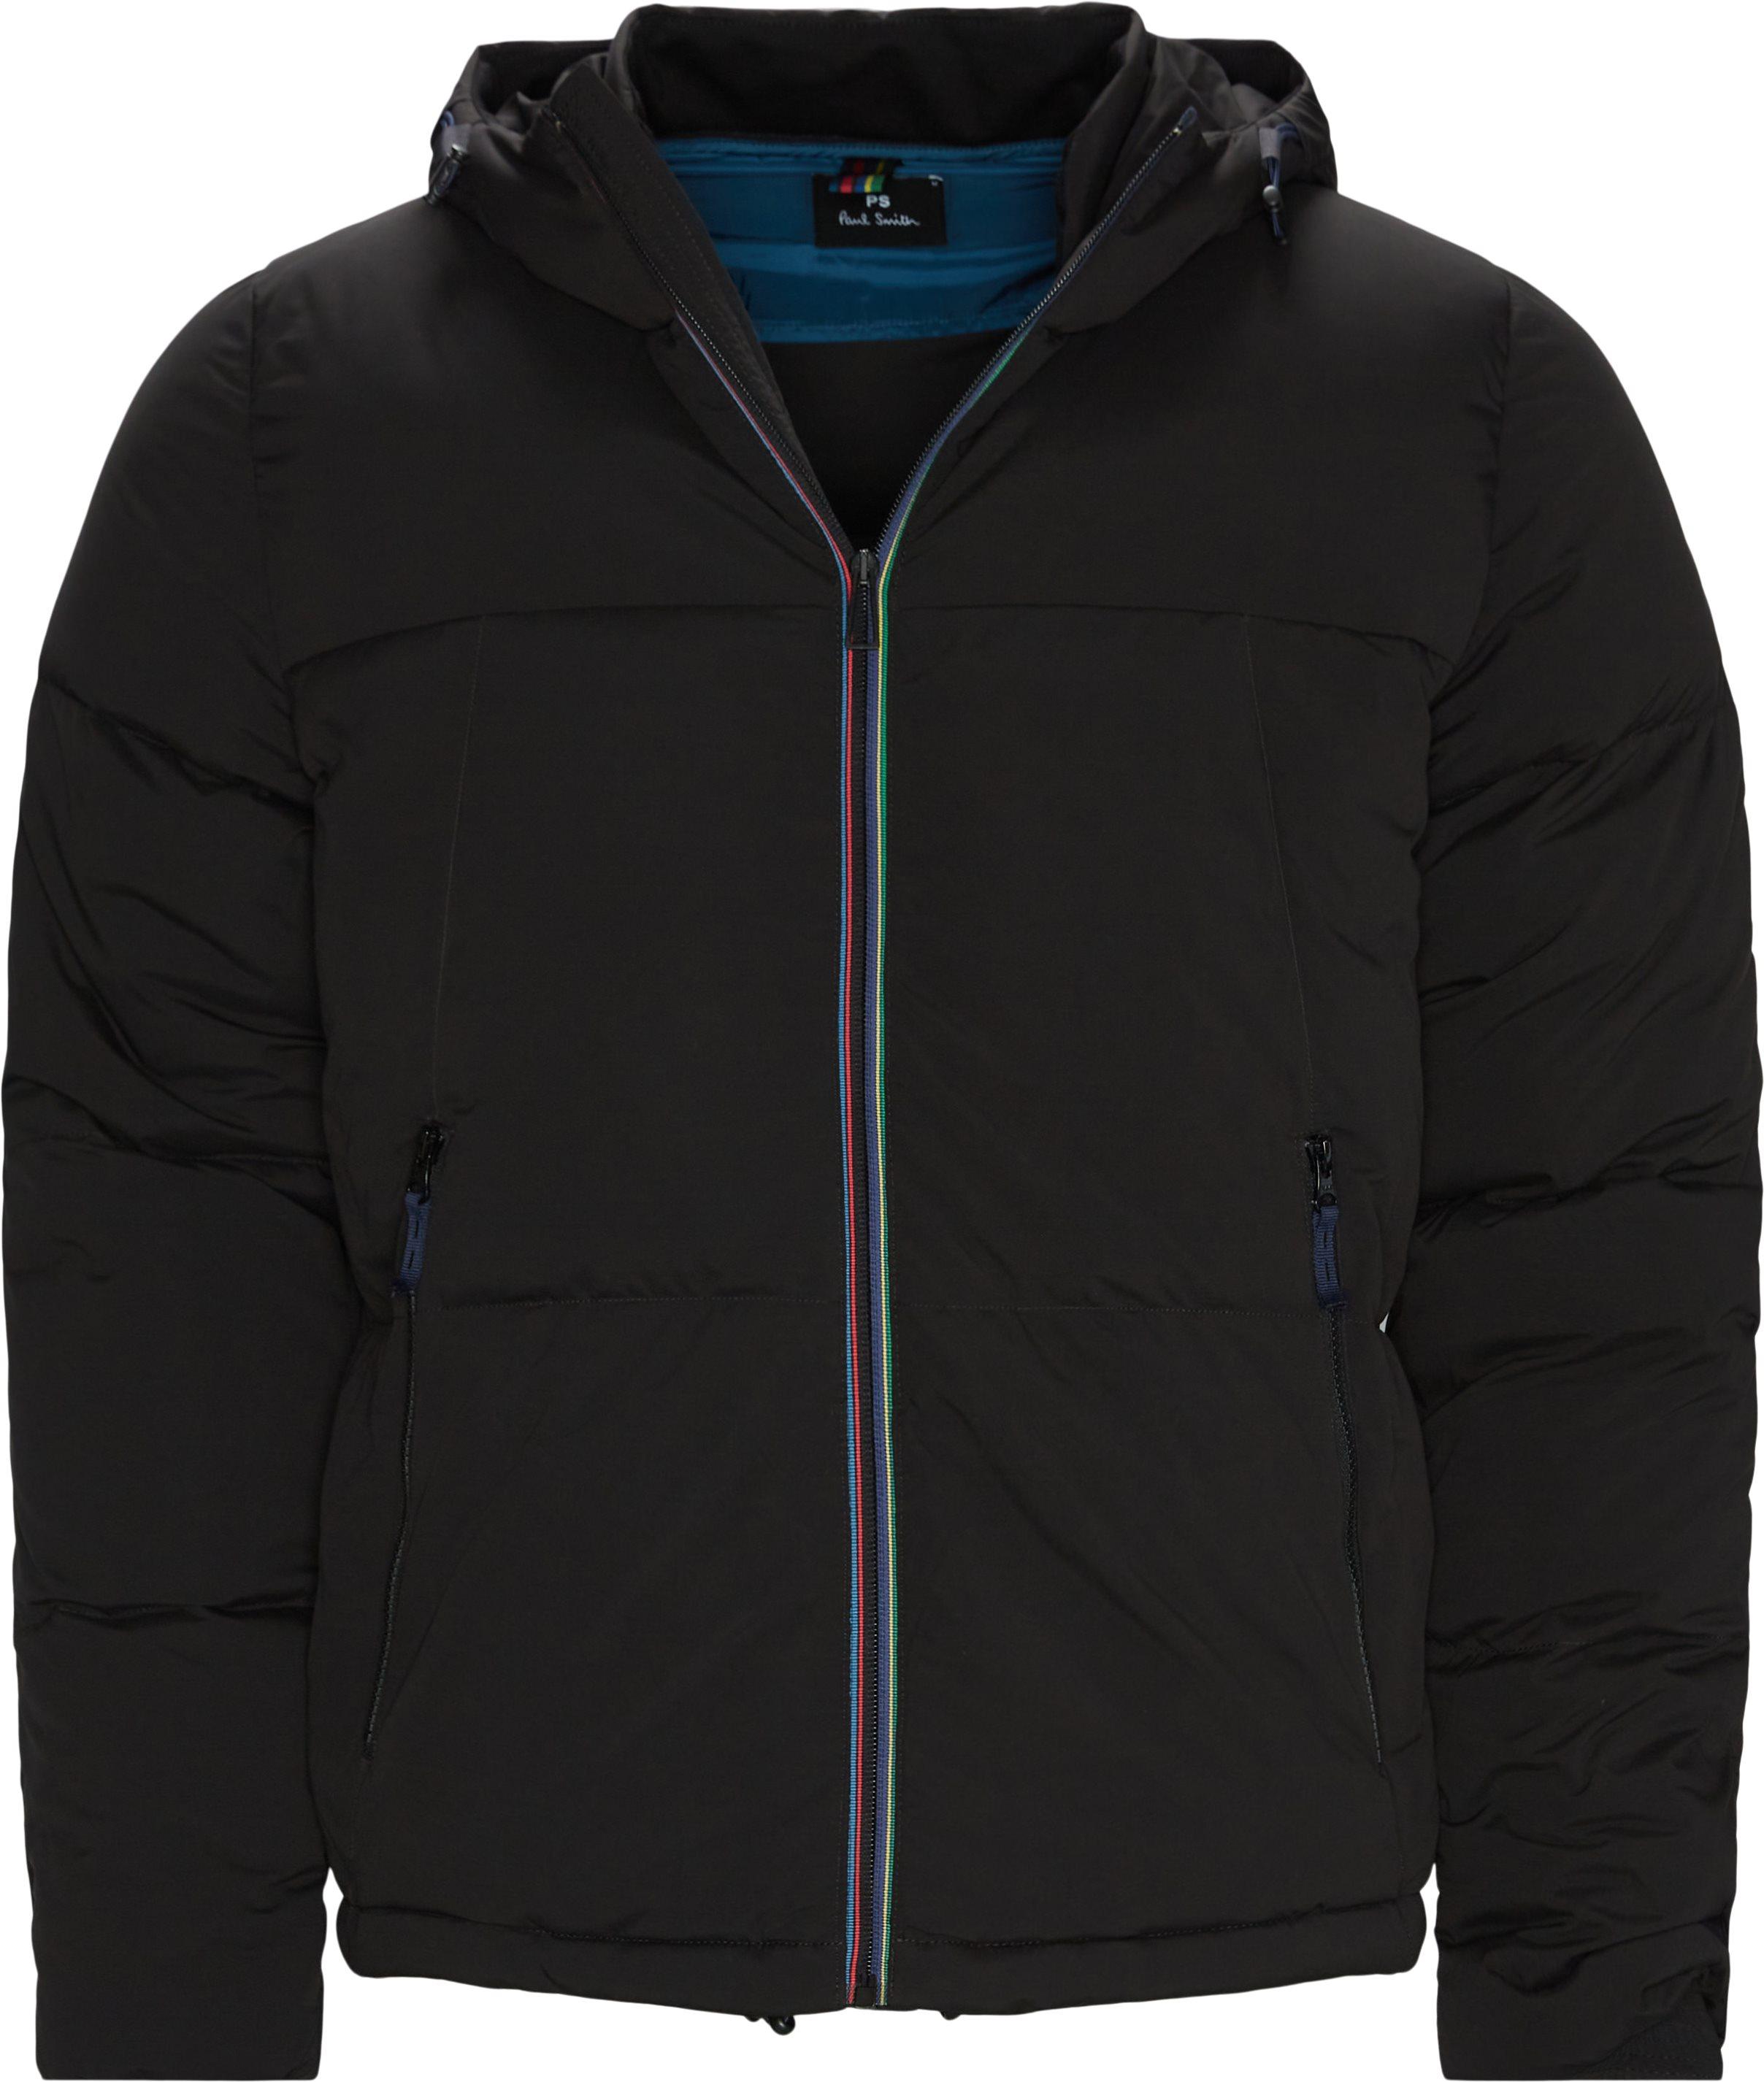 Winter Jacket - Jakker - Regular fit - Sort